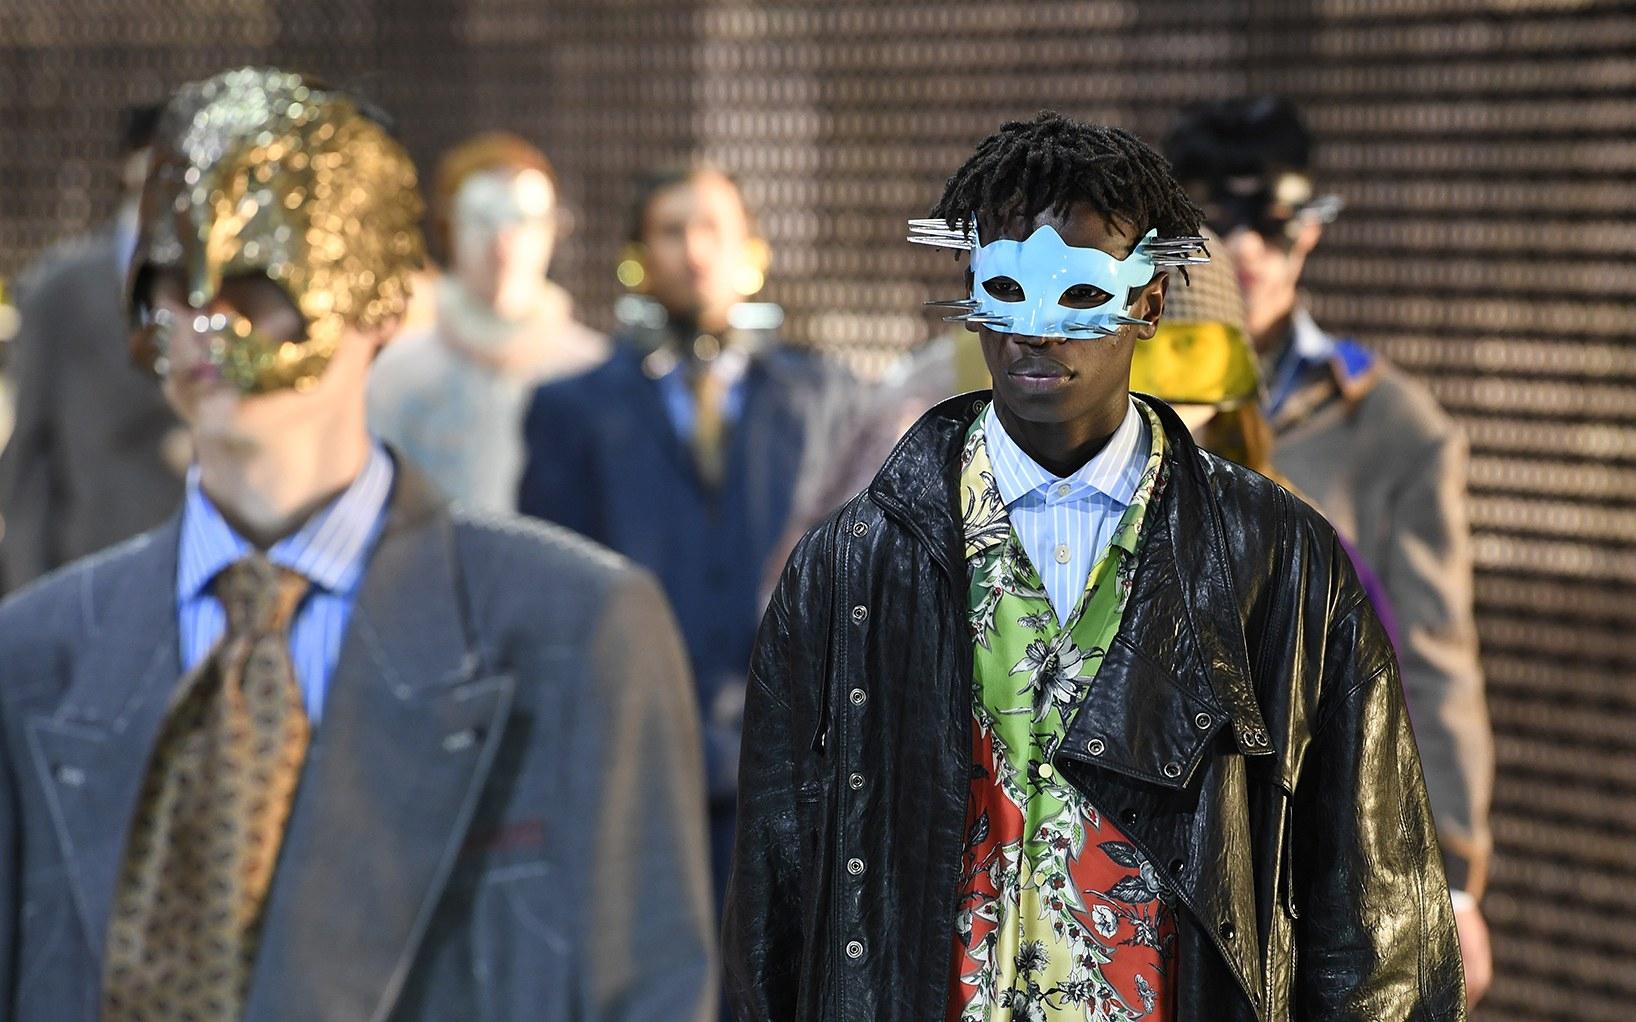 Gucci celebrará su primer desfile sin emisiones de carbono